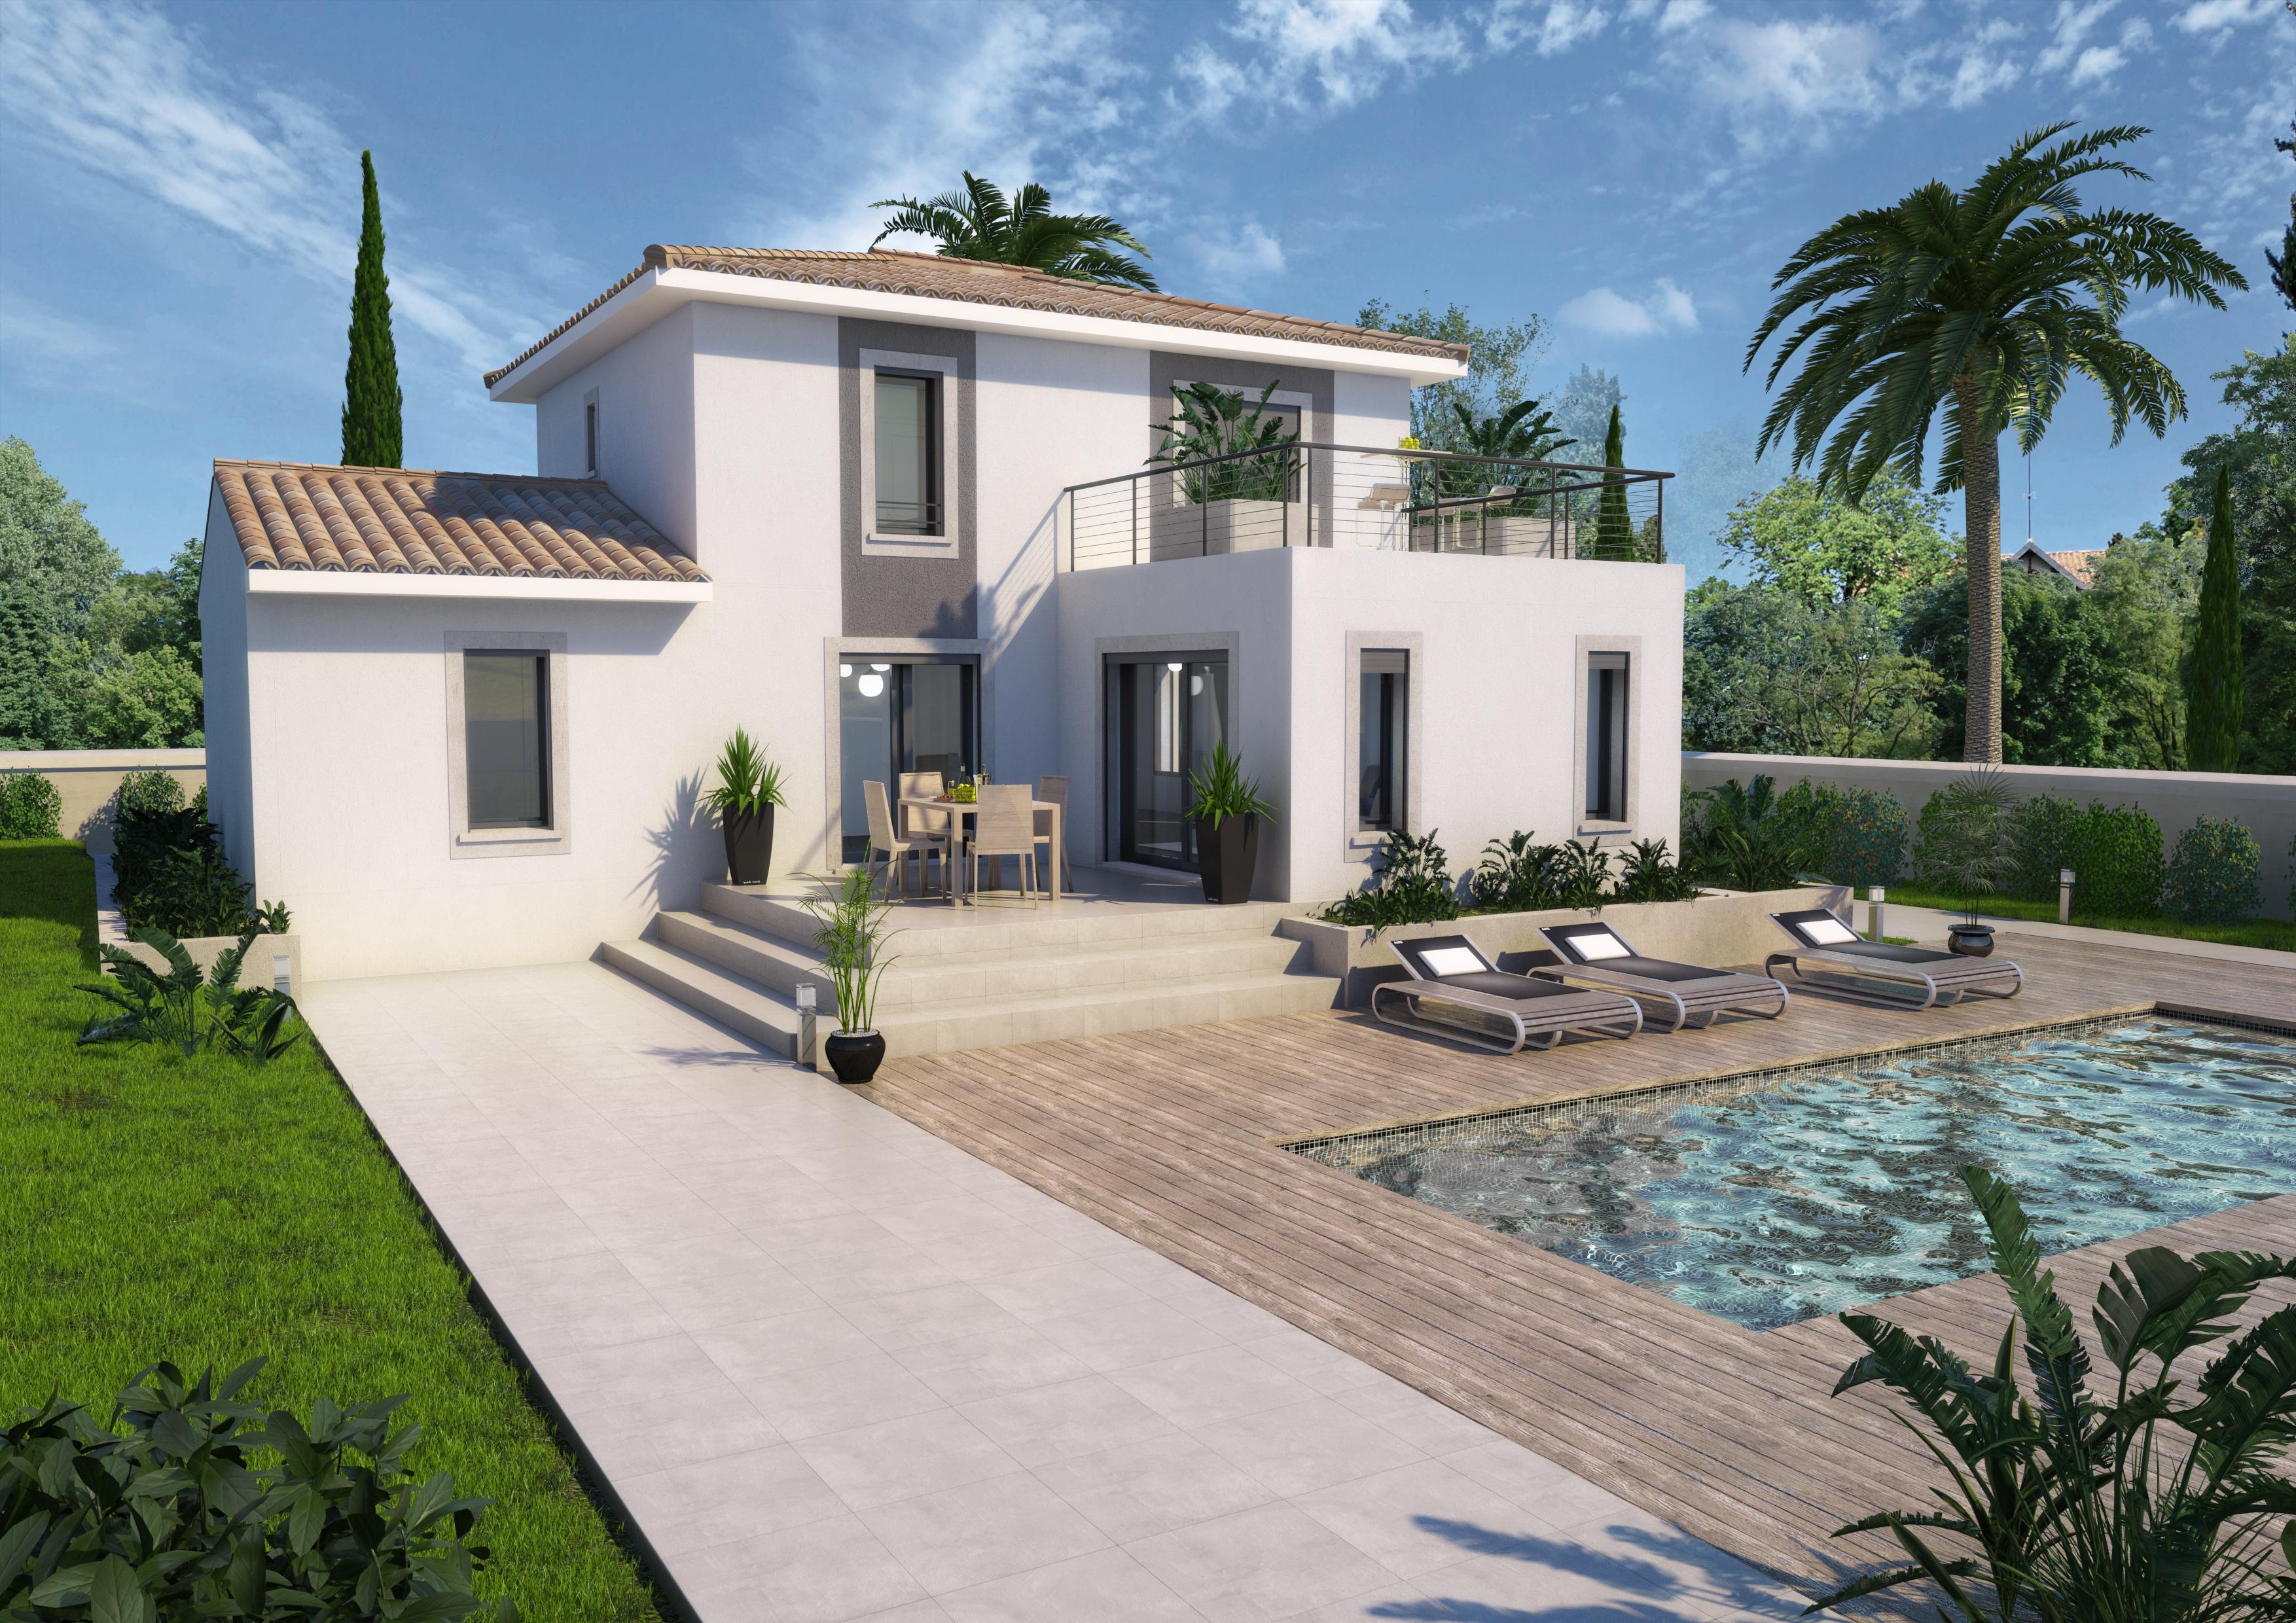 Maisons + Terrains du constructeur ART ET TRADITIONS MEDITERRANEE • 123 m² • UZES